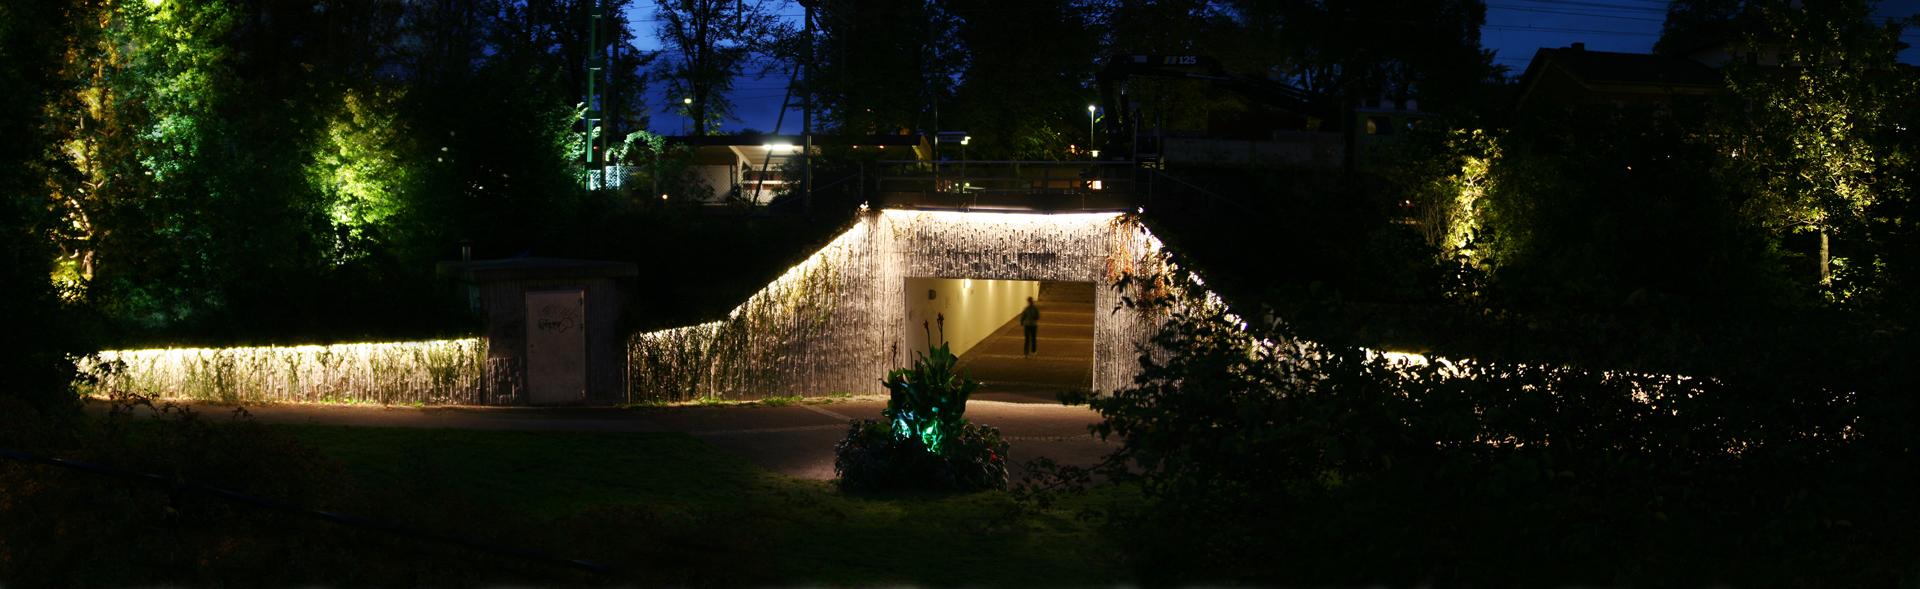 Lichtontwerp spoorwegtunnel